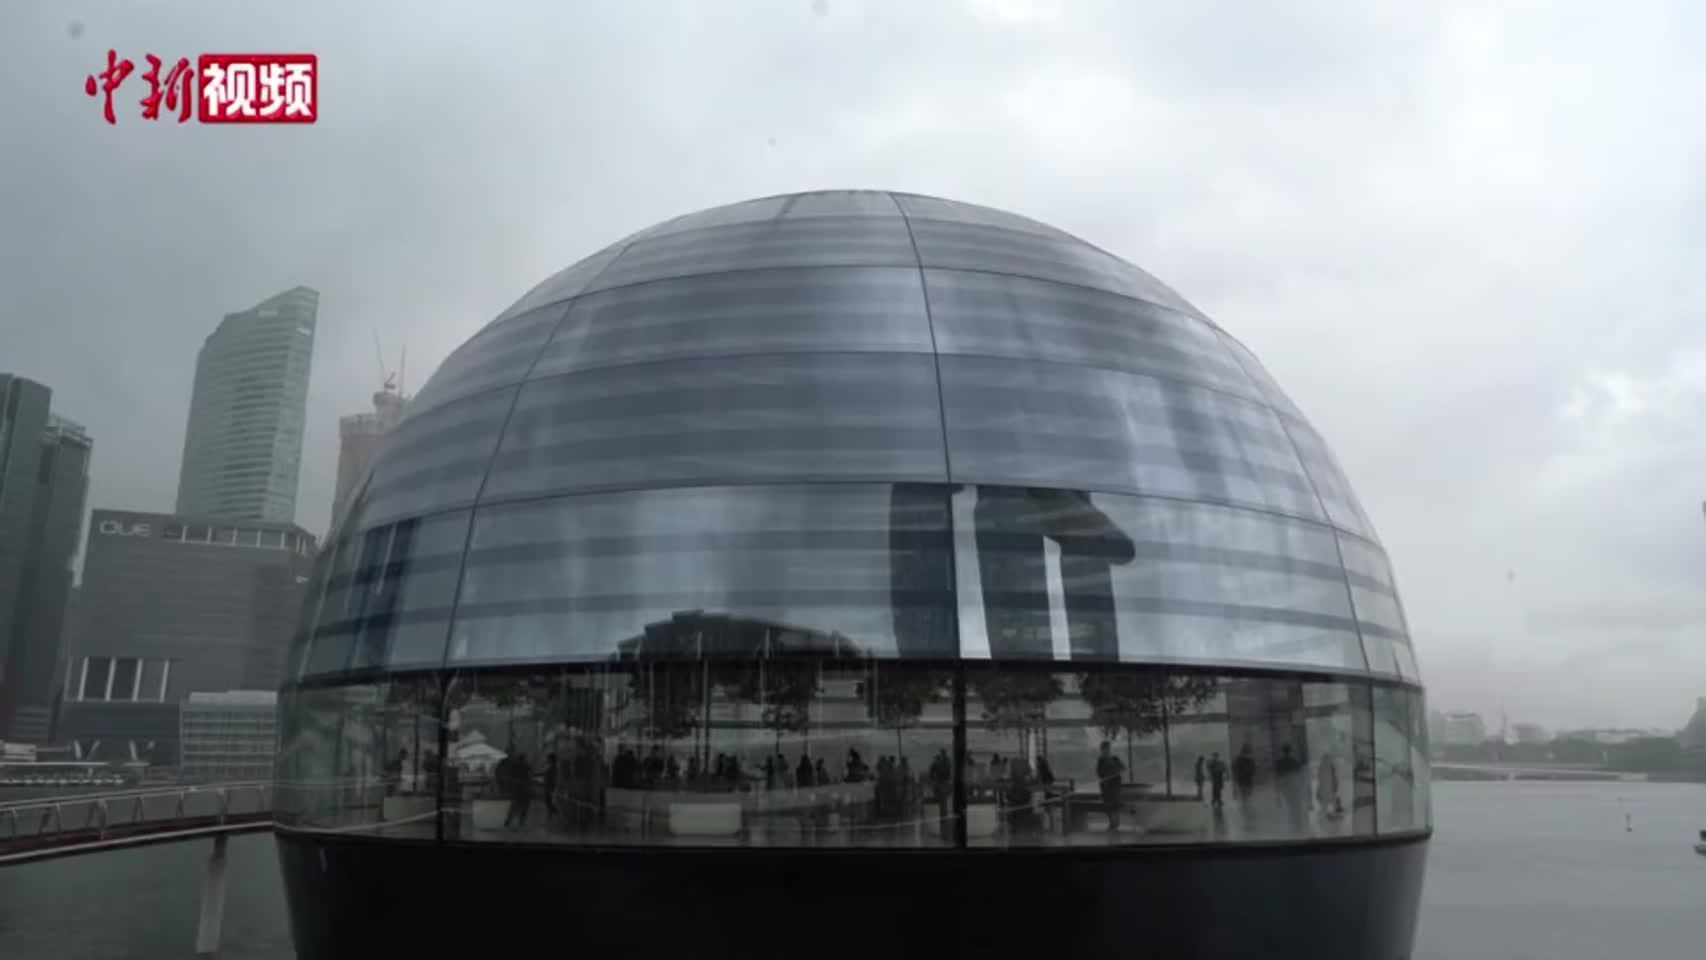 全球首家水上苹果零售店在新加坡亮相